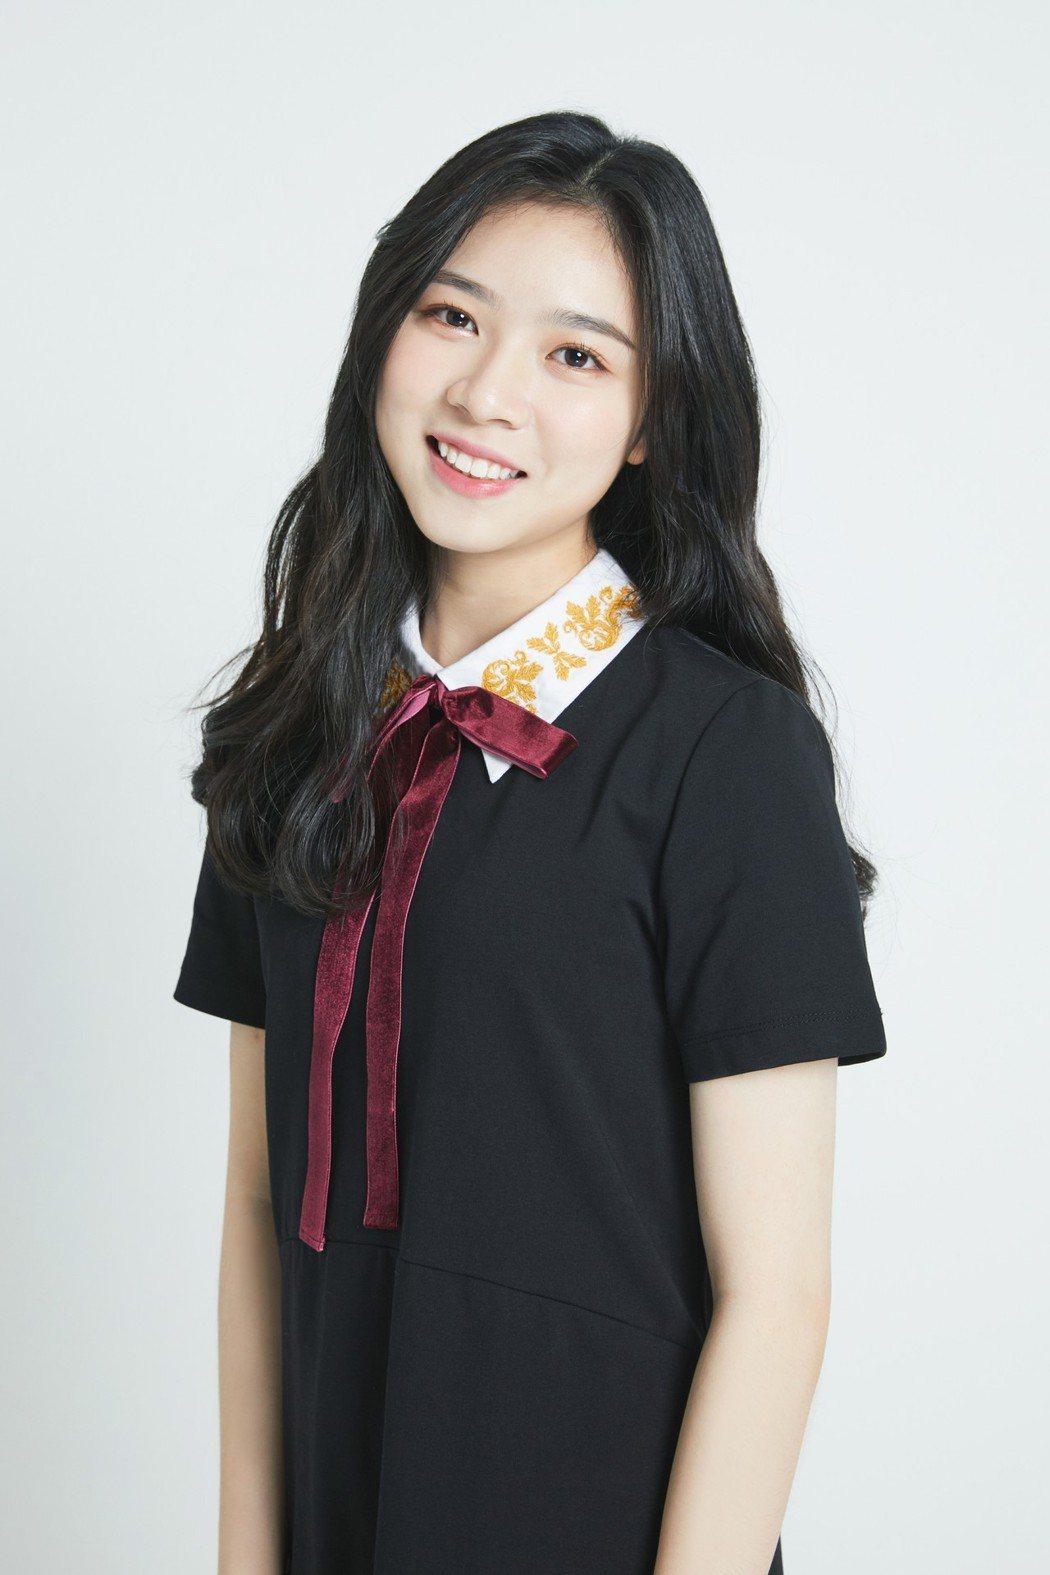 來自新竹的台灣女孩楊欣儒被大陸選秀節目看中正在培訓  圖/阿爾發提供